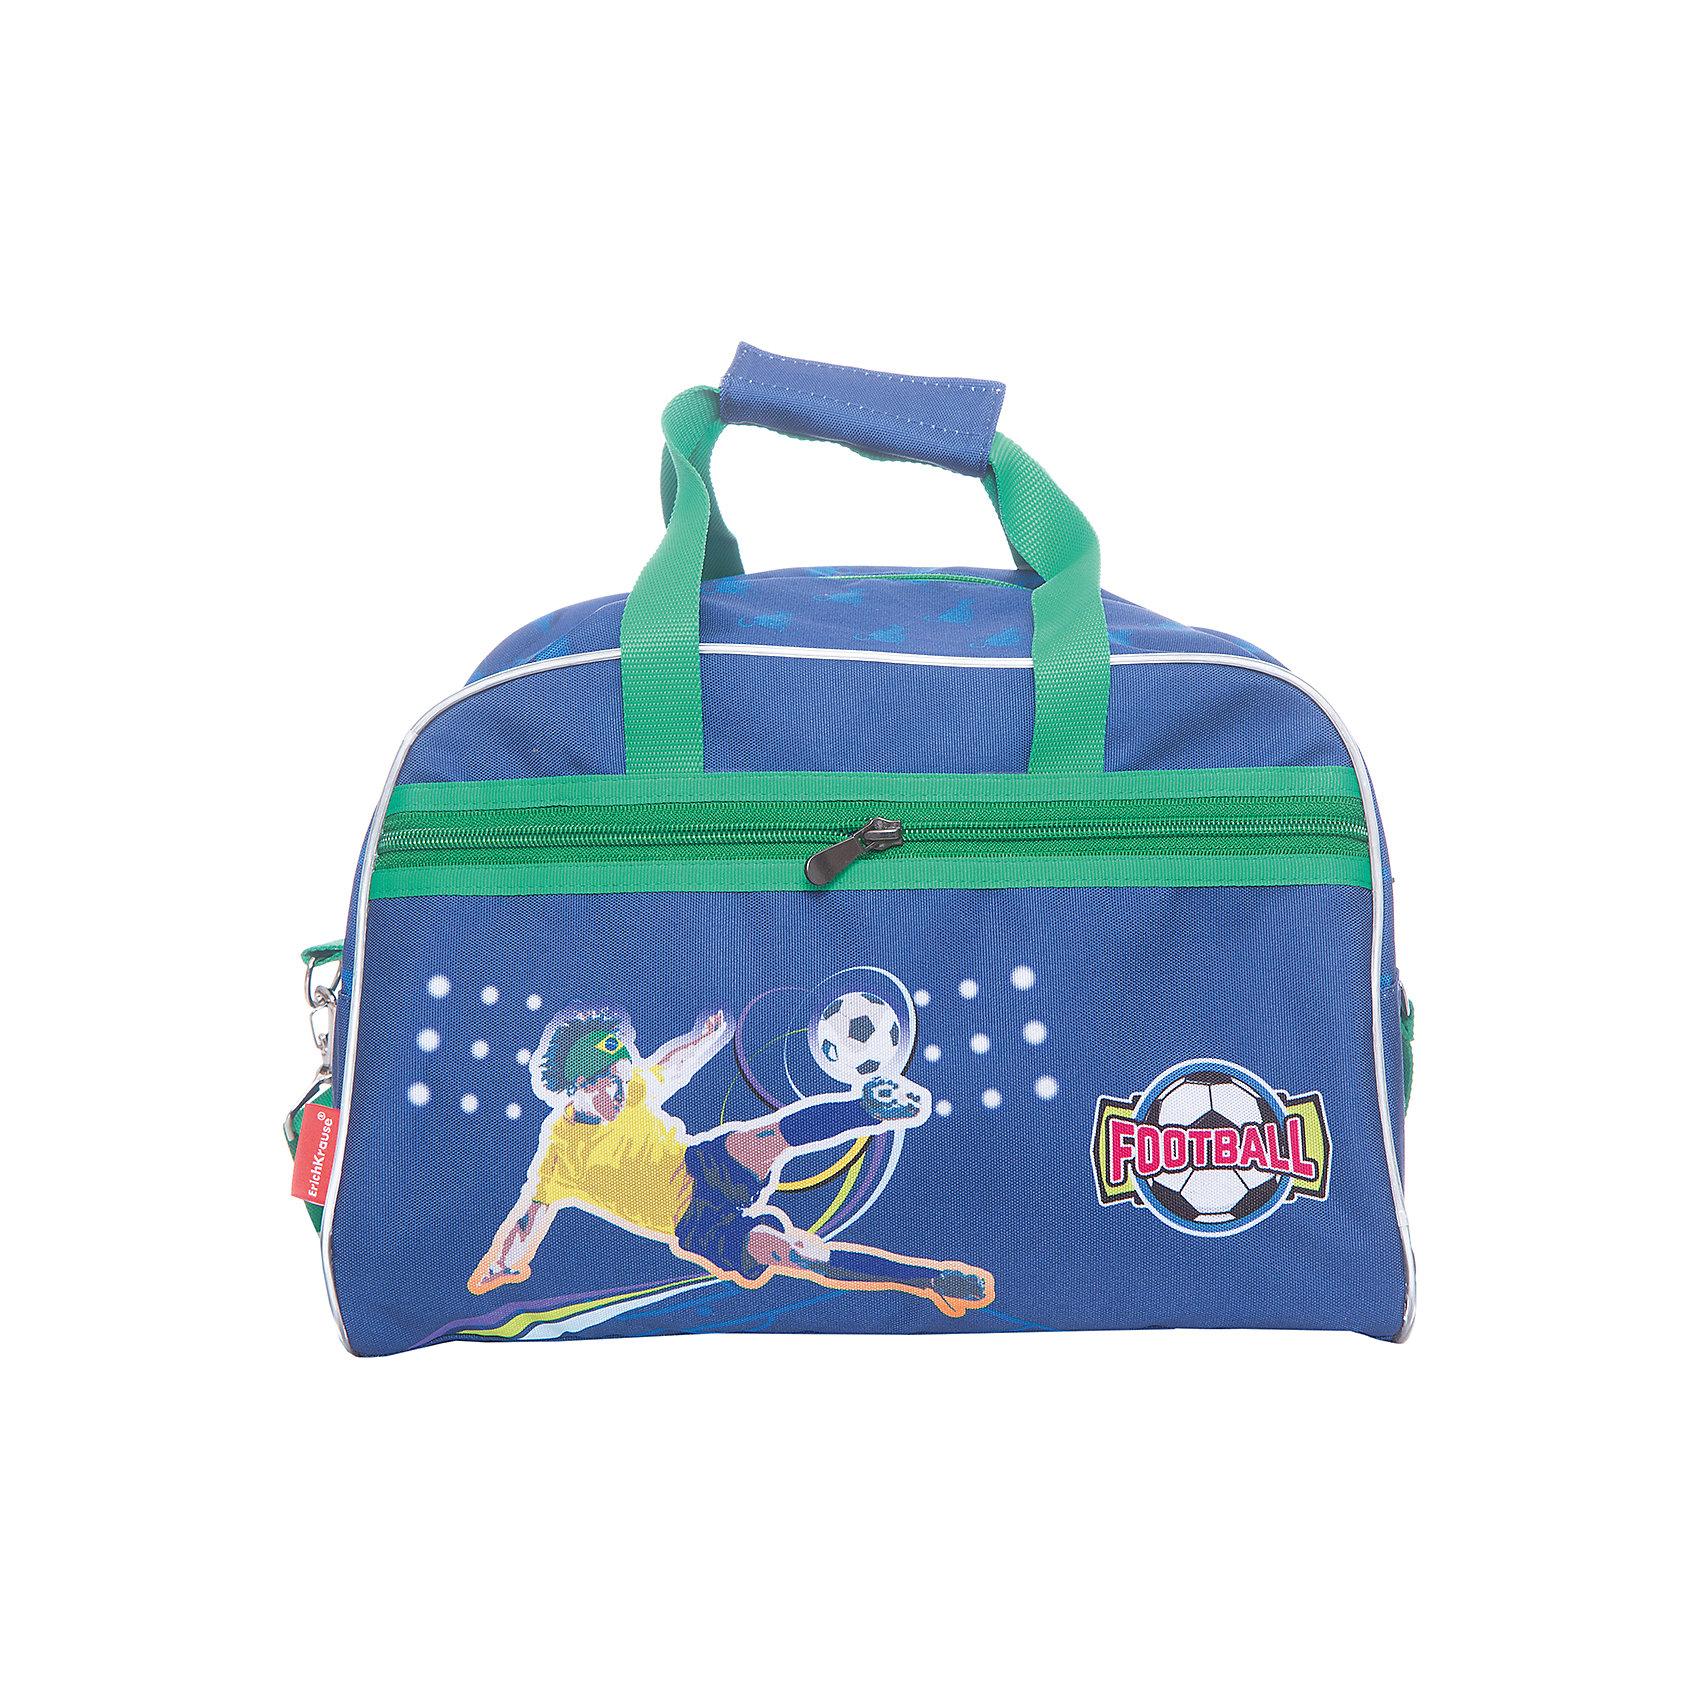 Erich Krause Сумка детская для спорта FootballСпортивные сумки<br>Характеристики товара:<br><br>• коллекция: Football<br>• цвет: синий<br>• материал: полиэстер<br>• большое внутреннее отделение<br>• ручка со специальной вставкой на липучке<br>• двойная молния<br>• размер изделия: 26х35х24 см<br>• вес в кг: 460гр<br>• страна бренда: Германия<br><br>Erich Krause Сумку для спорта Football можно купить в нашем интернет-магазине.<br><br>Ширина мм: 440<br>Глубина мм: 350<br>Высота мм: 150<br>Вес г: 404<br>Возраст от месяцев: 72<br>Возраст до месяцев: 96<br>Пол: Мужской<br>Возраст: Детский<br>SKU: 6842779